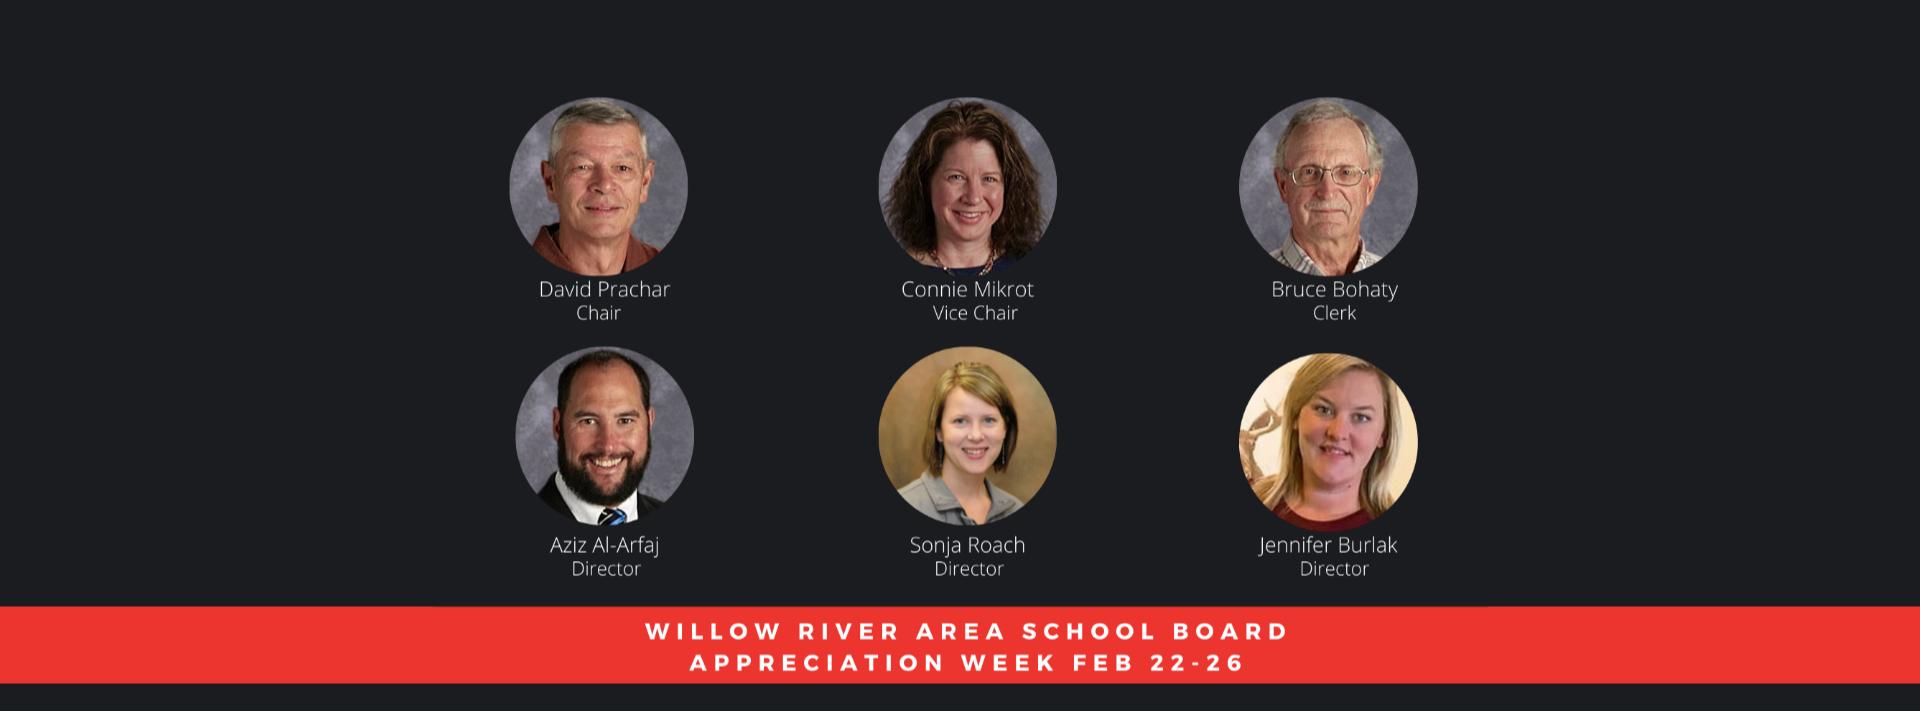 School Board Appreciation Week graphic